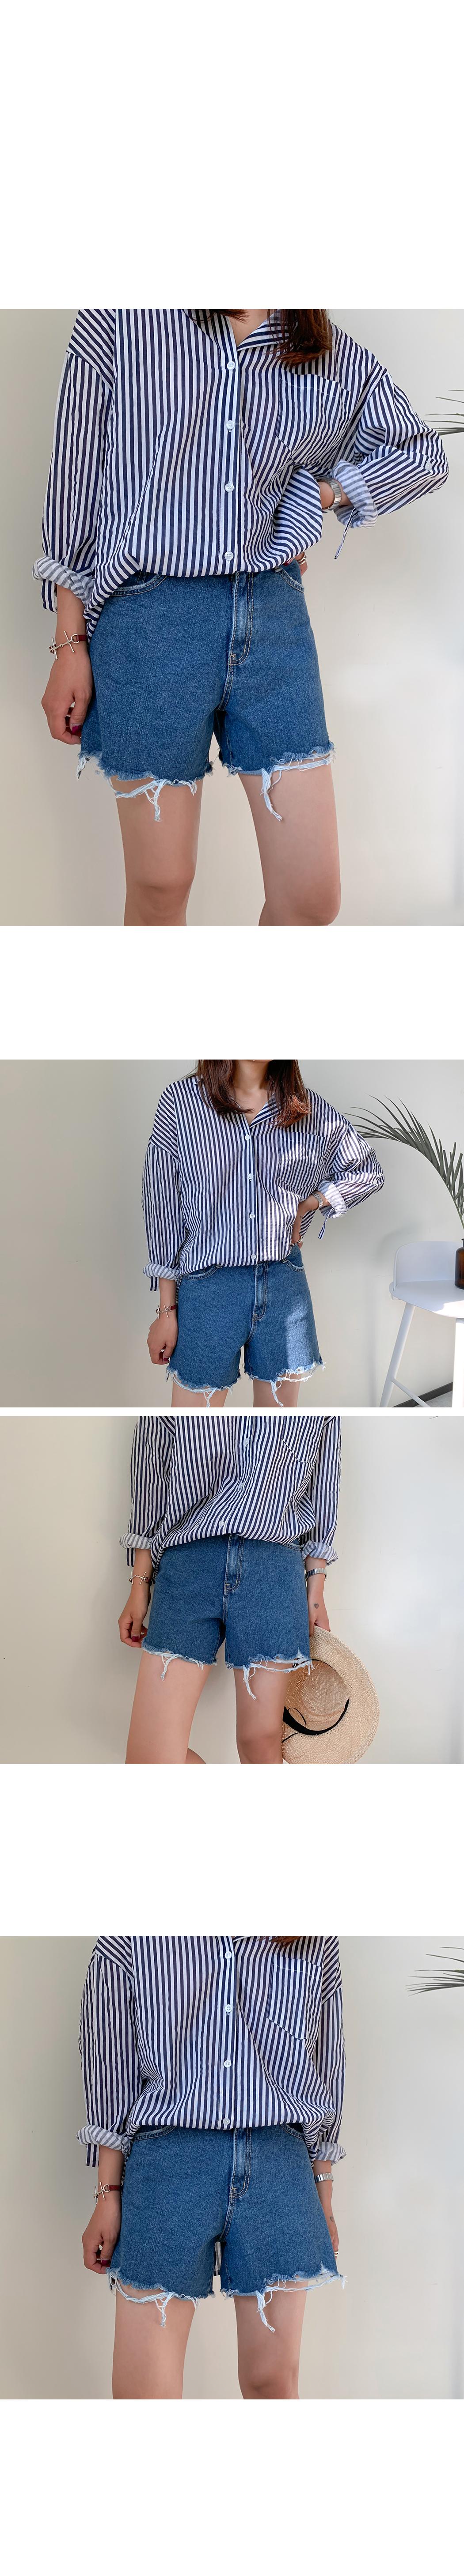 Vintage hem denim shorts